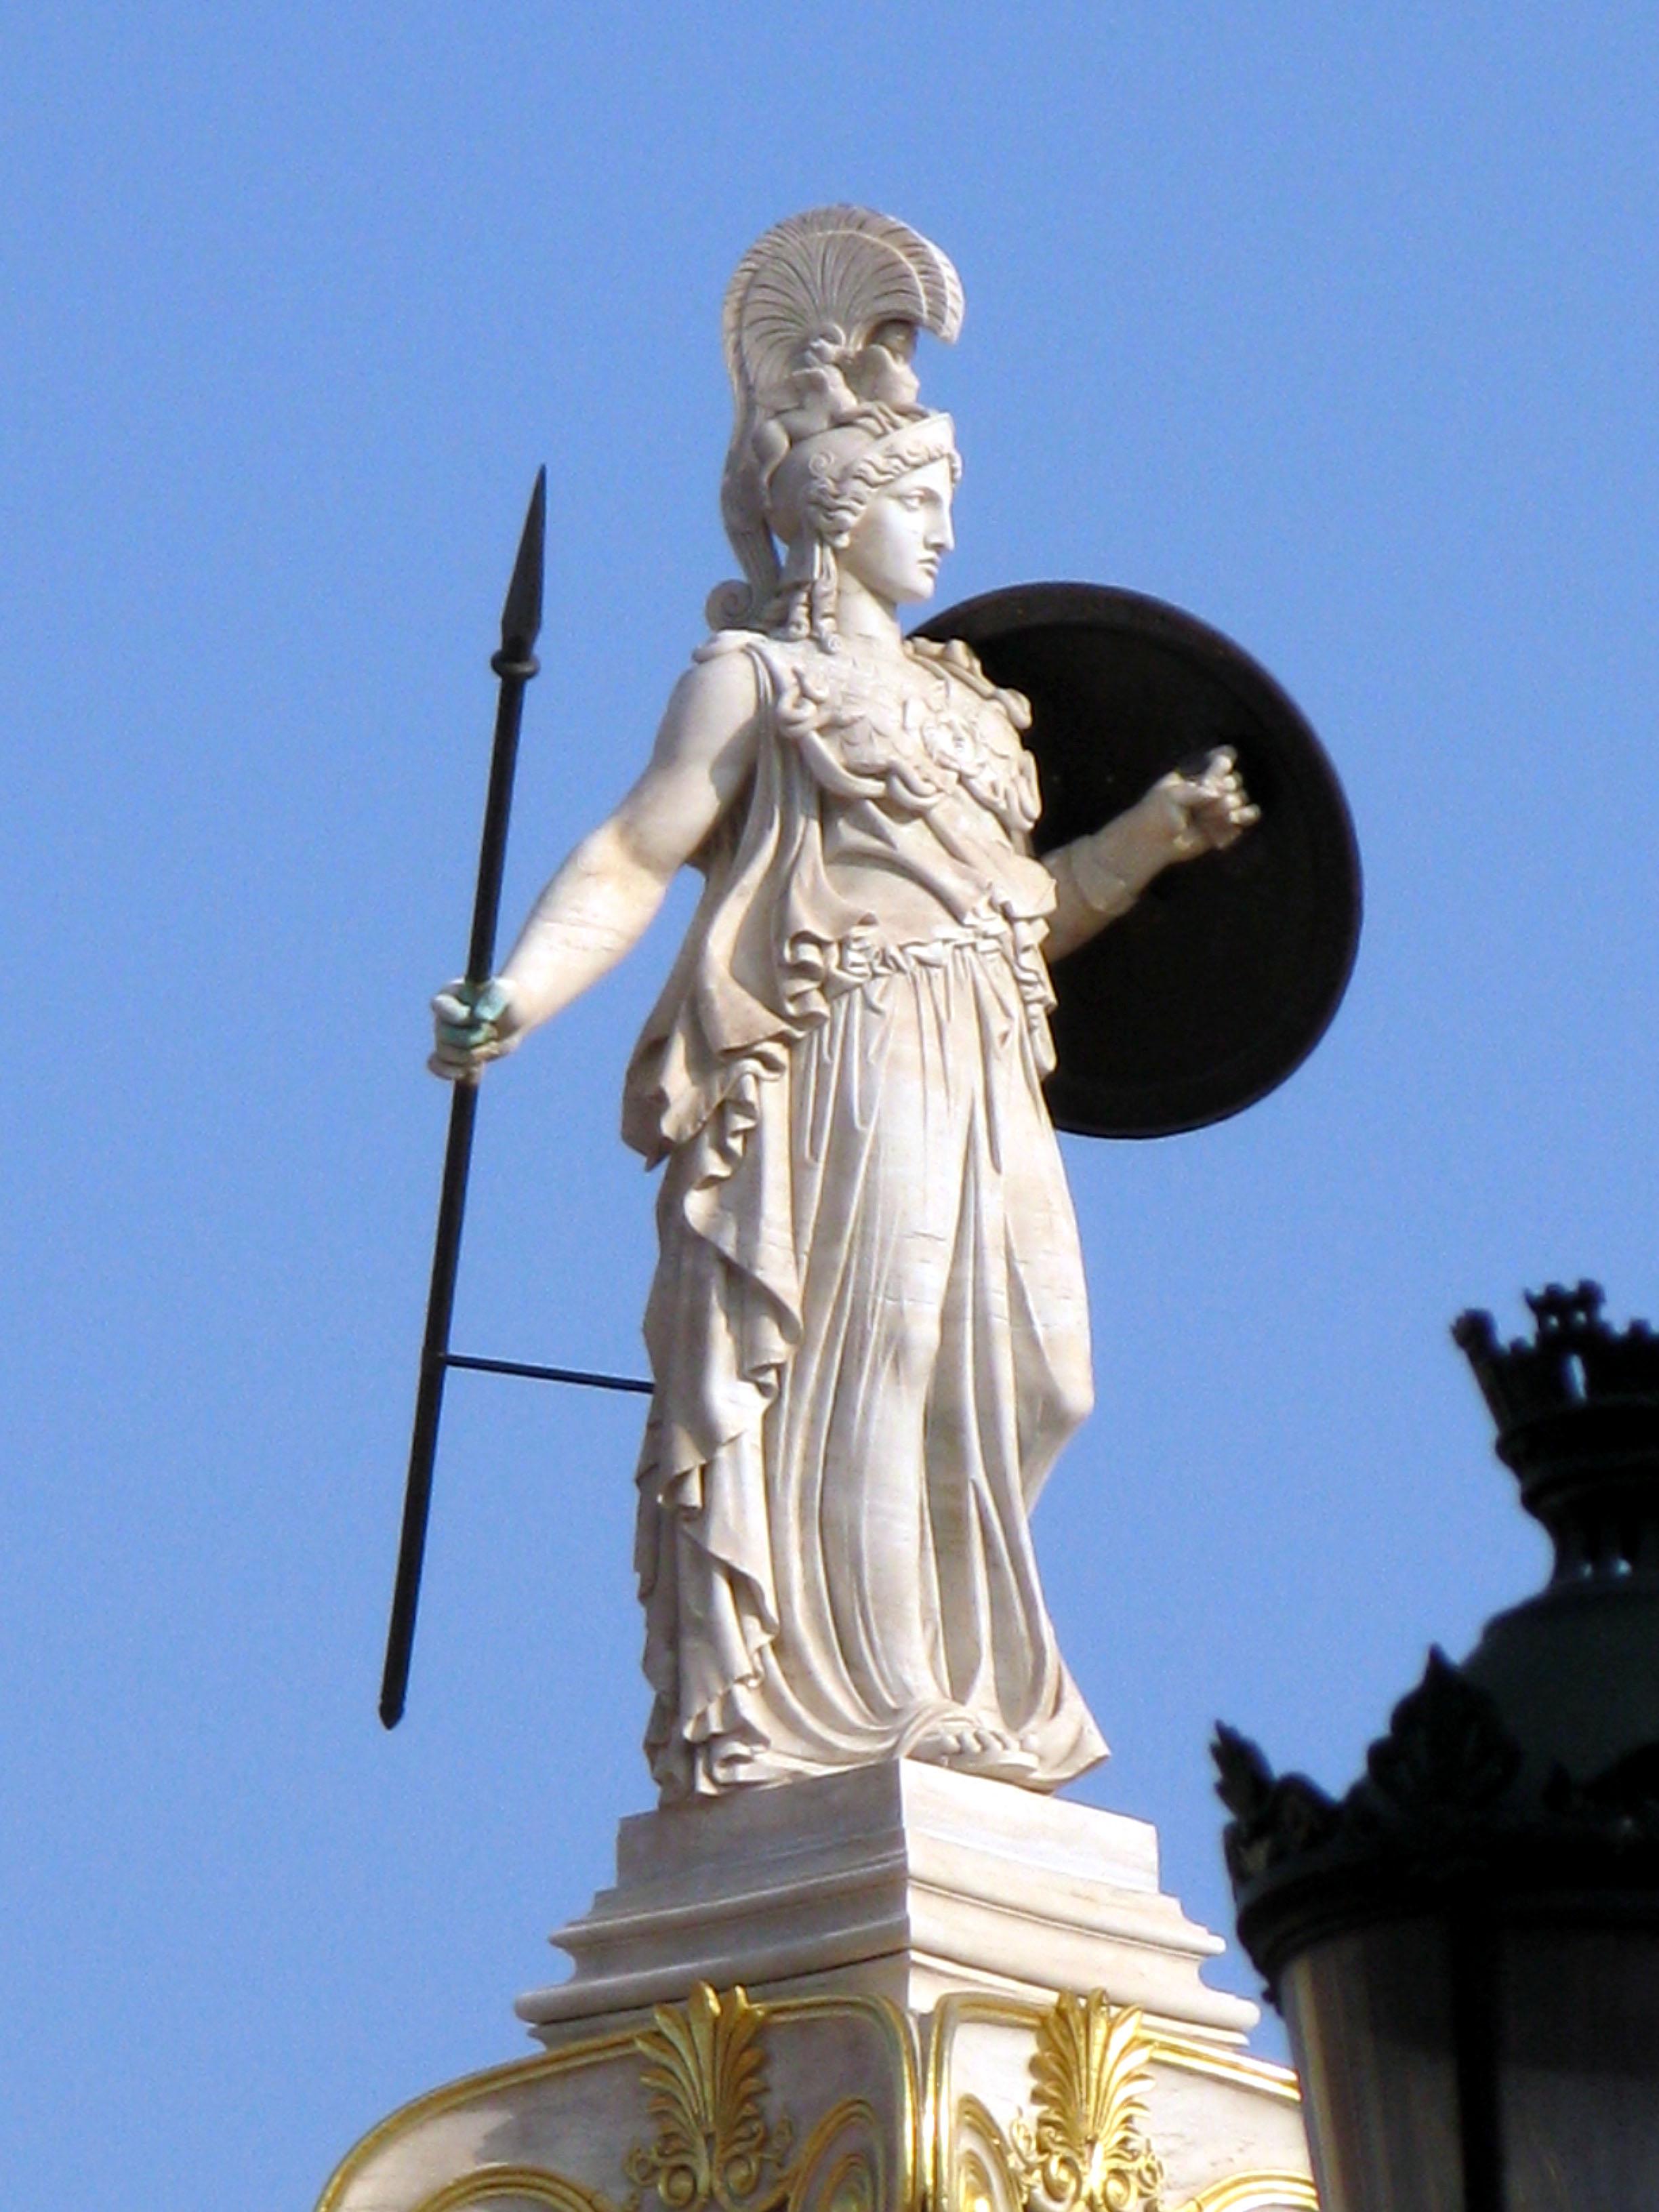 File:Athena column-Academy of Athens.jpg - Wikipedia